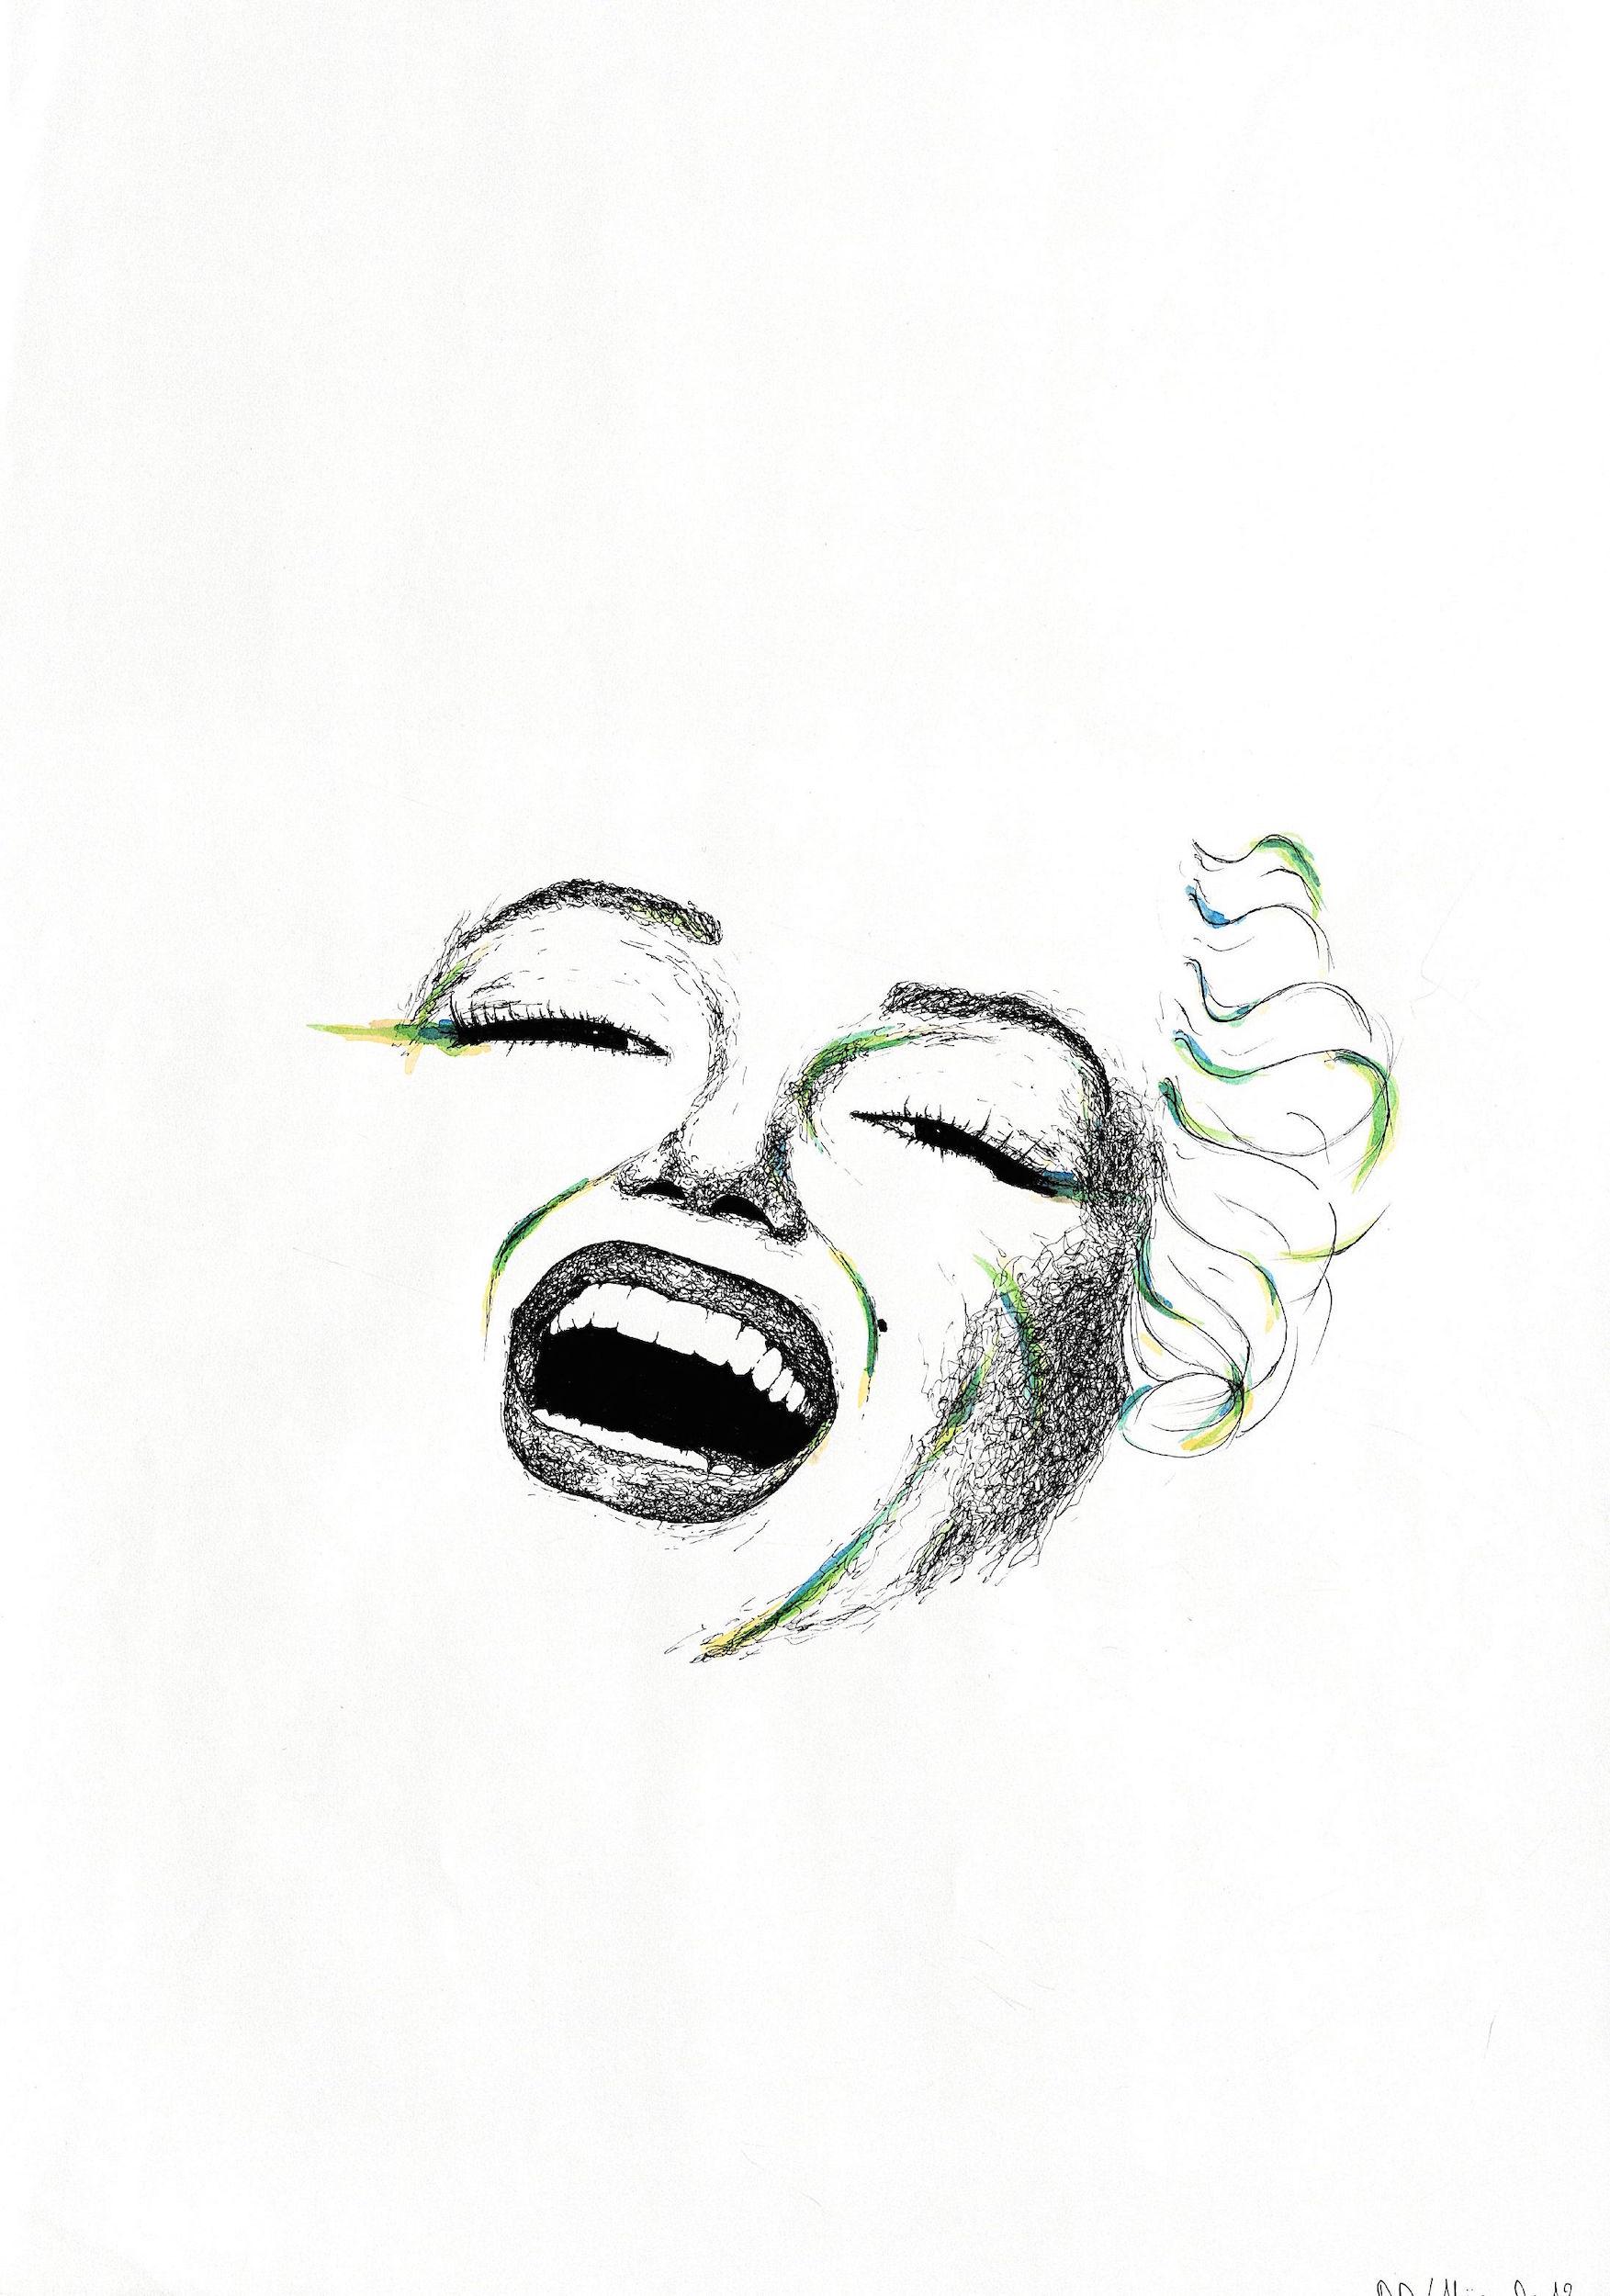 Laugh is life - part 2